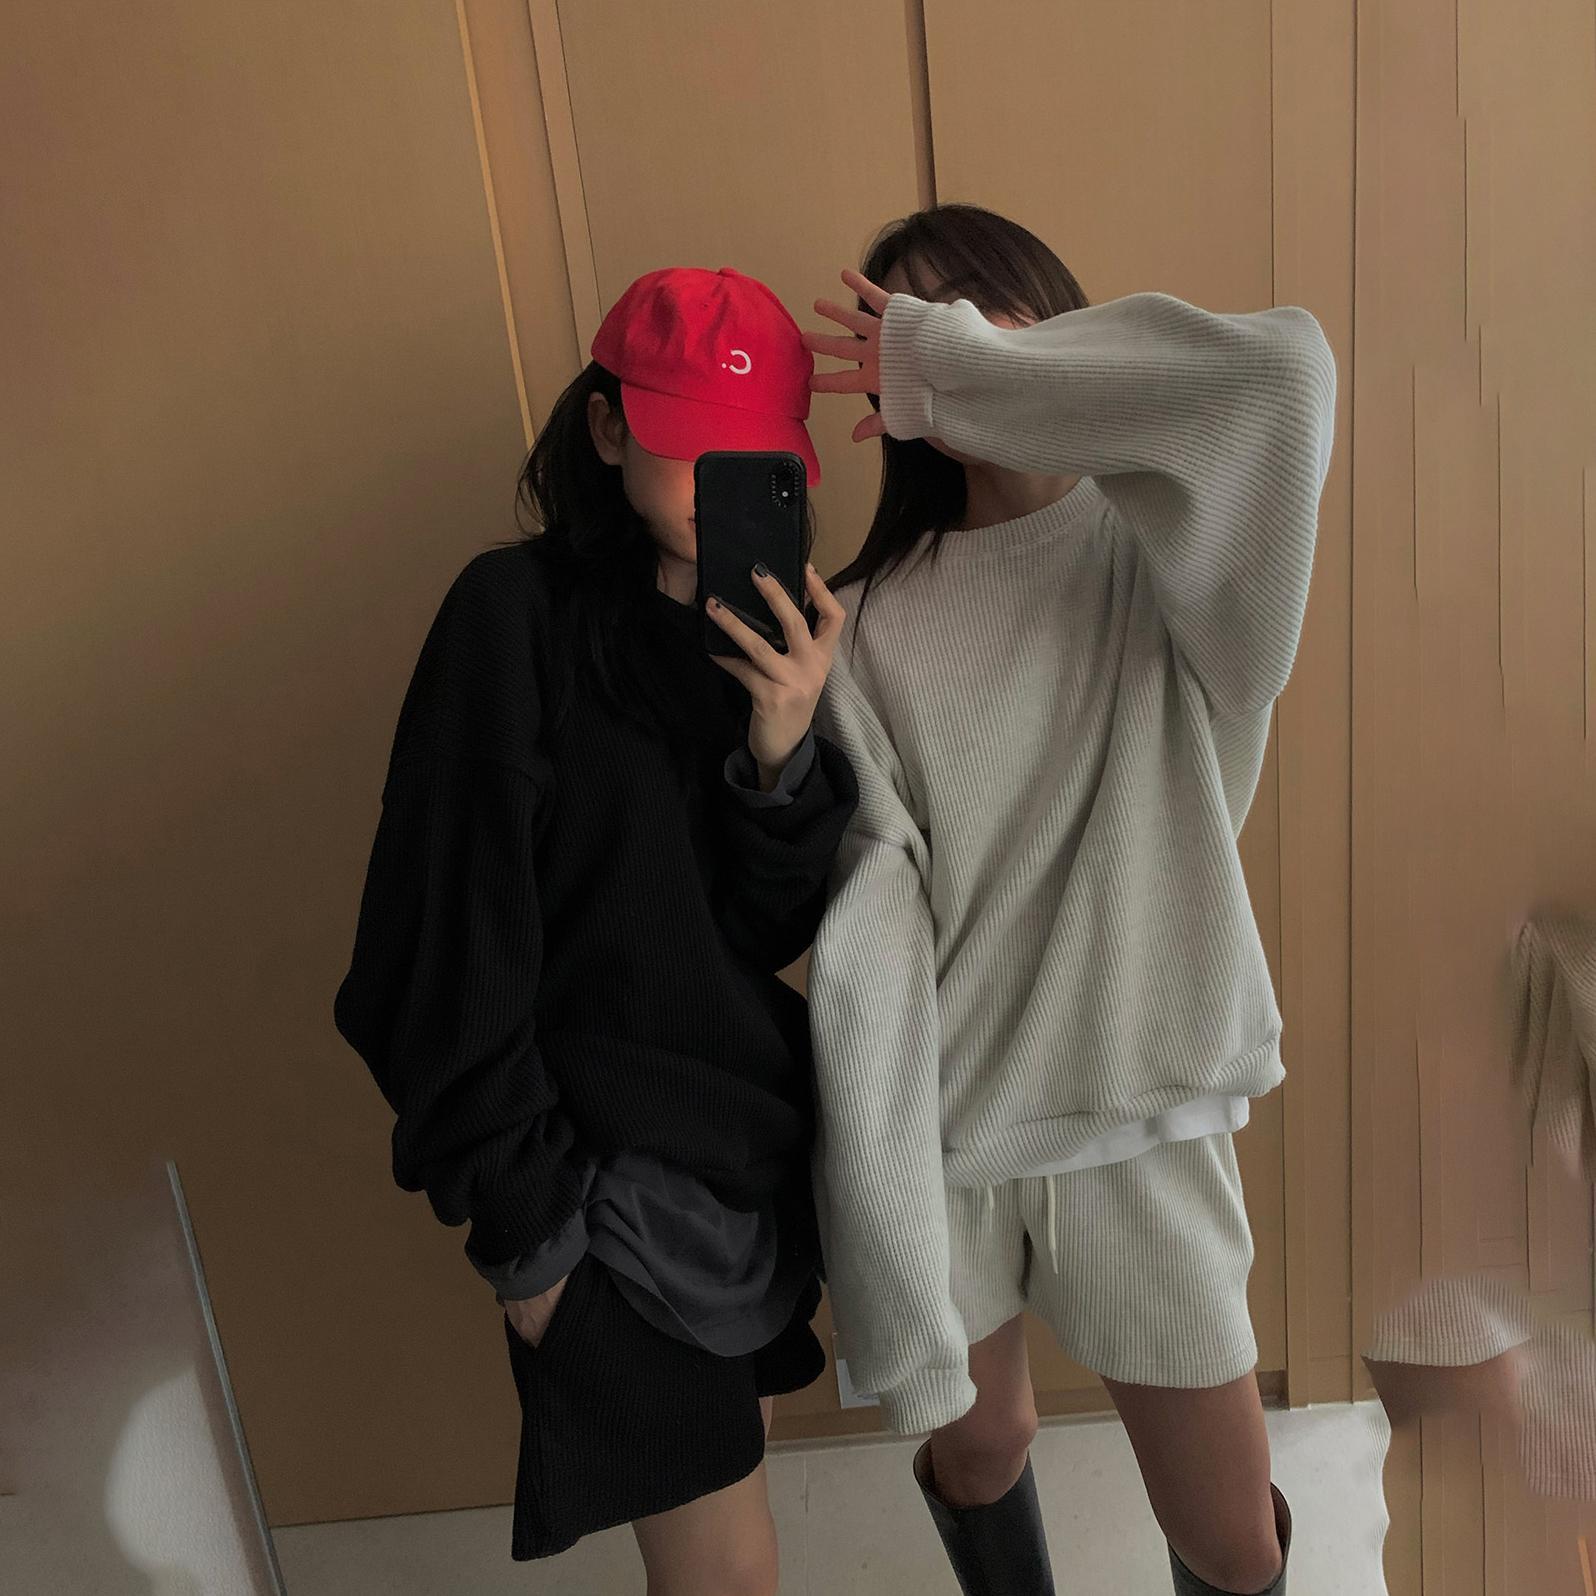 مجموعة ملابس رياضية صيفية للنساء من cpretty موضة 2021 بلوزة برقبة دائرية عالية الخصر سراويل قصيرة فضفاضة كورية مريحة طقم ملابس نسائية 57732 #